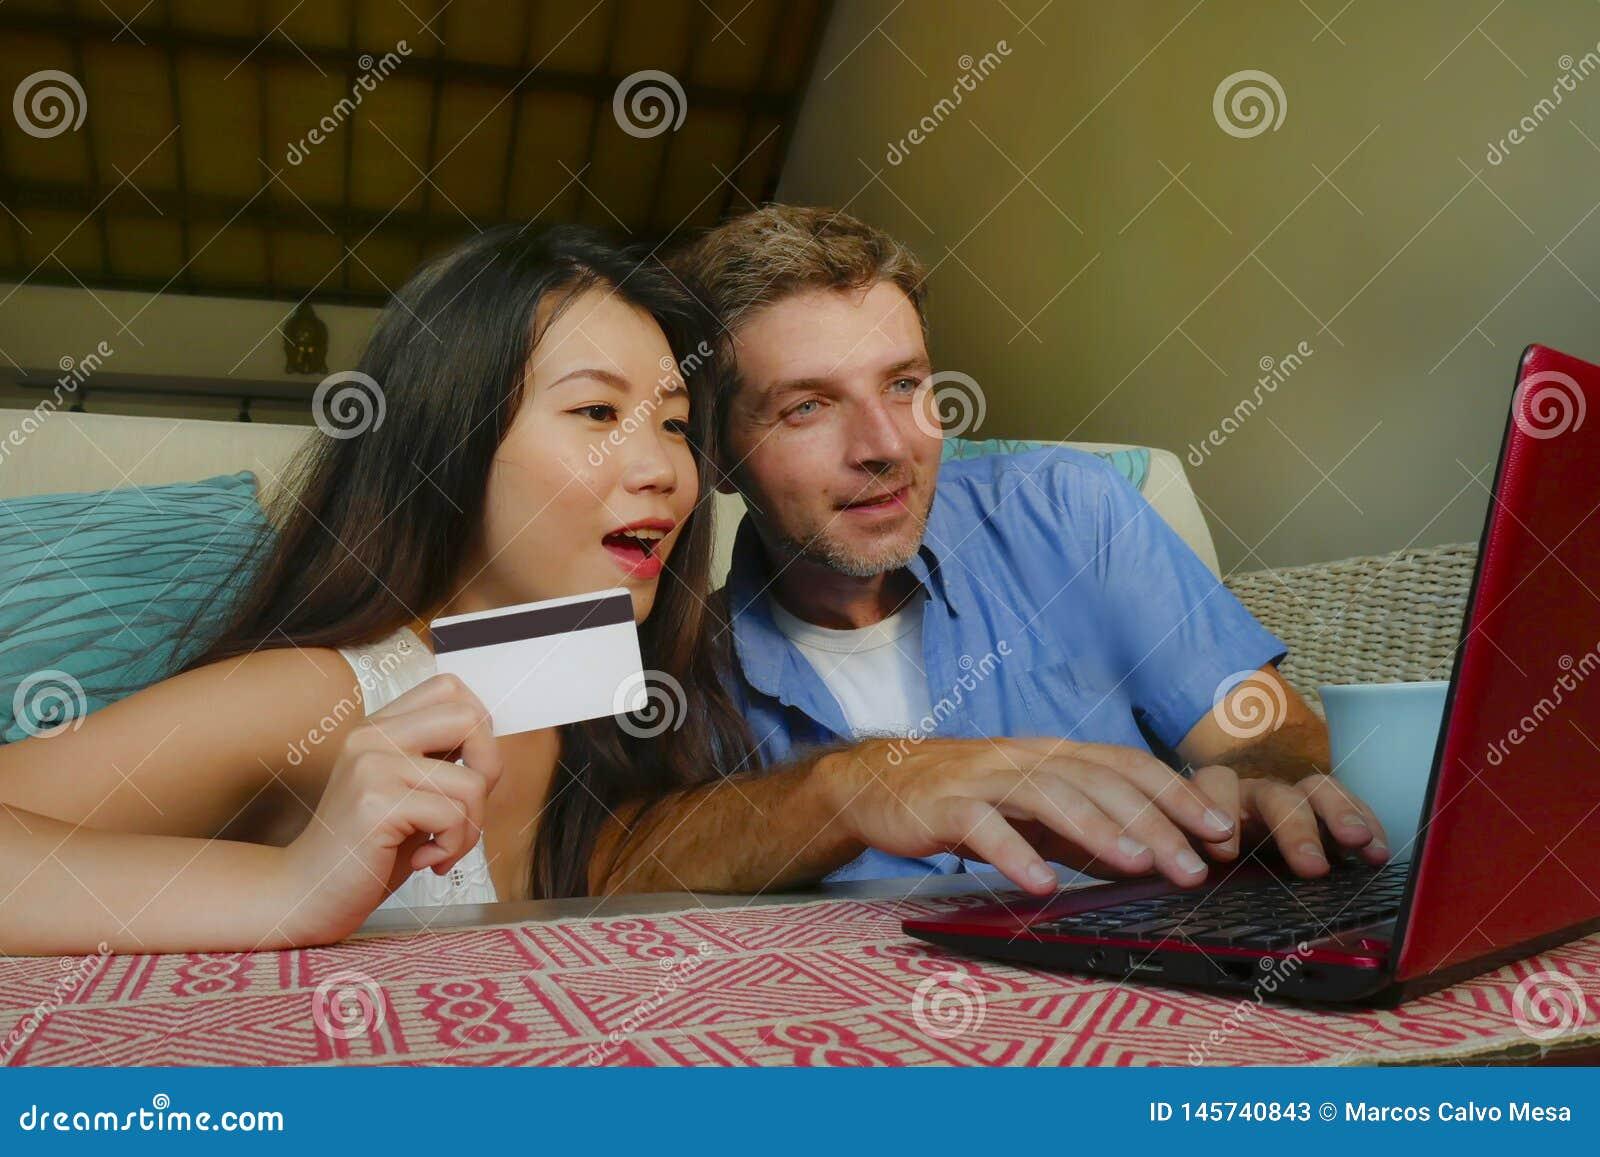 asiatique Guy datant caucasien fille Cougar rencontres sites meilleur